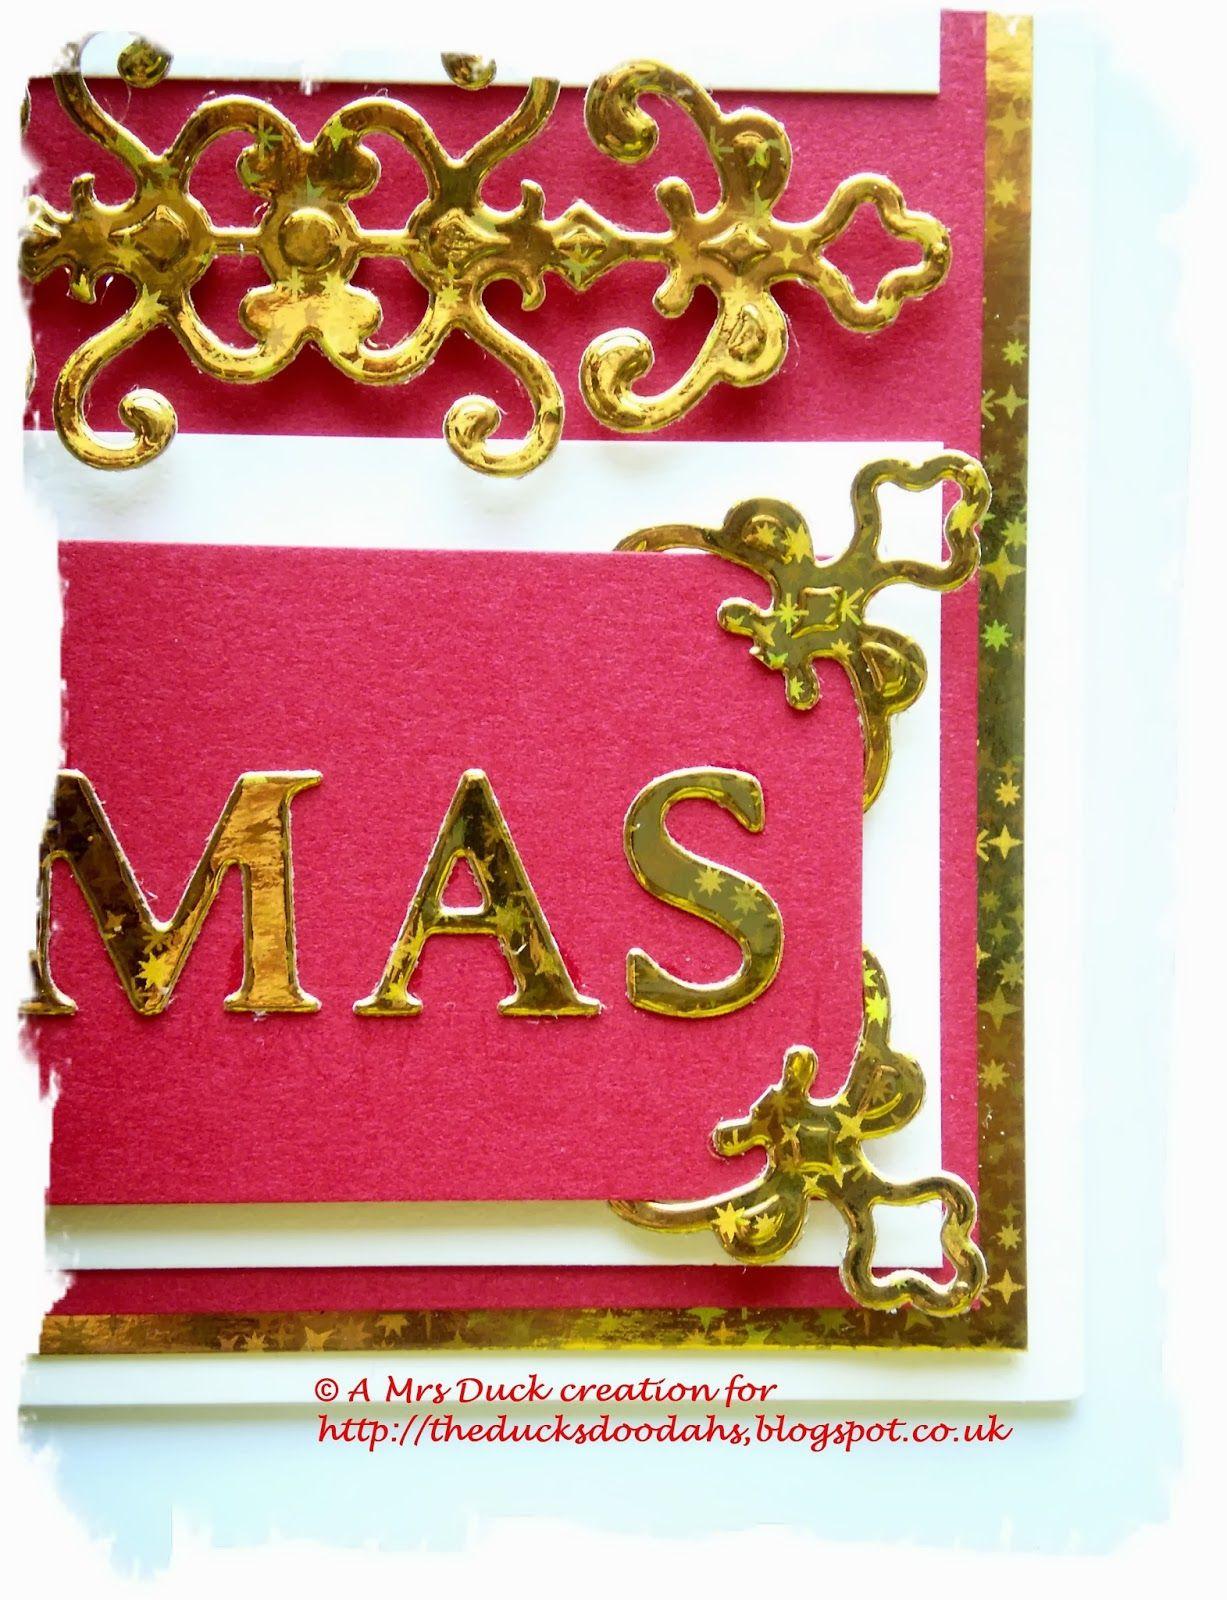 http://3.bp.blogspot.com/-PU2JJhl_I2k/Urn9TlgrepI/AAAAAAAAA6o/Y4NXRu4J6iY/s1600/CARDS+629.jpg